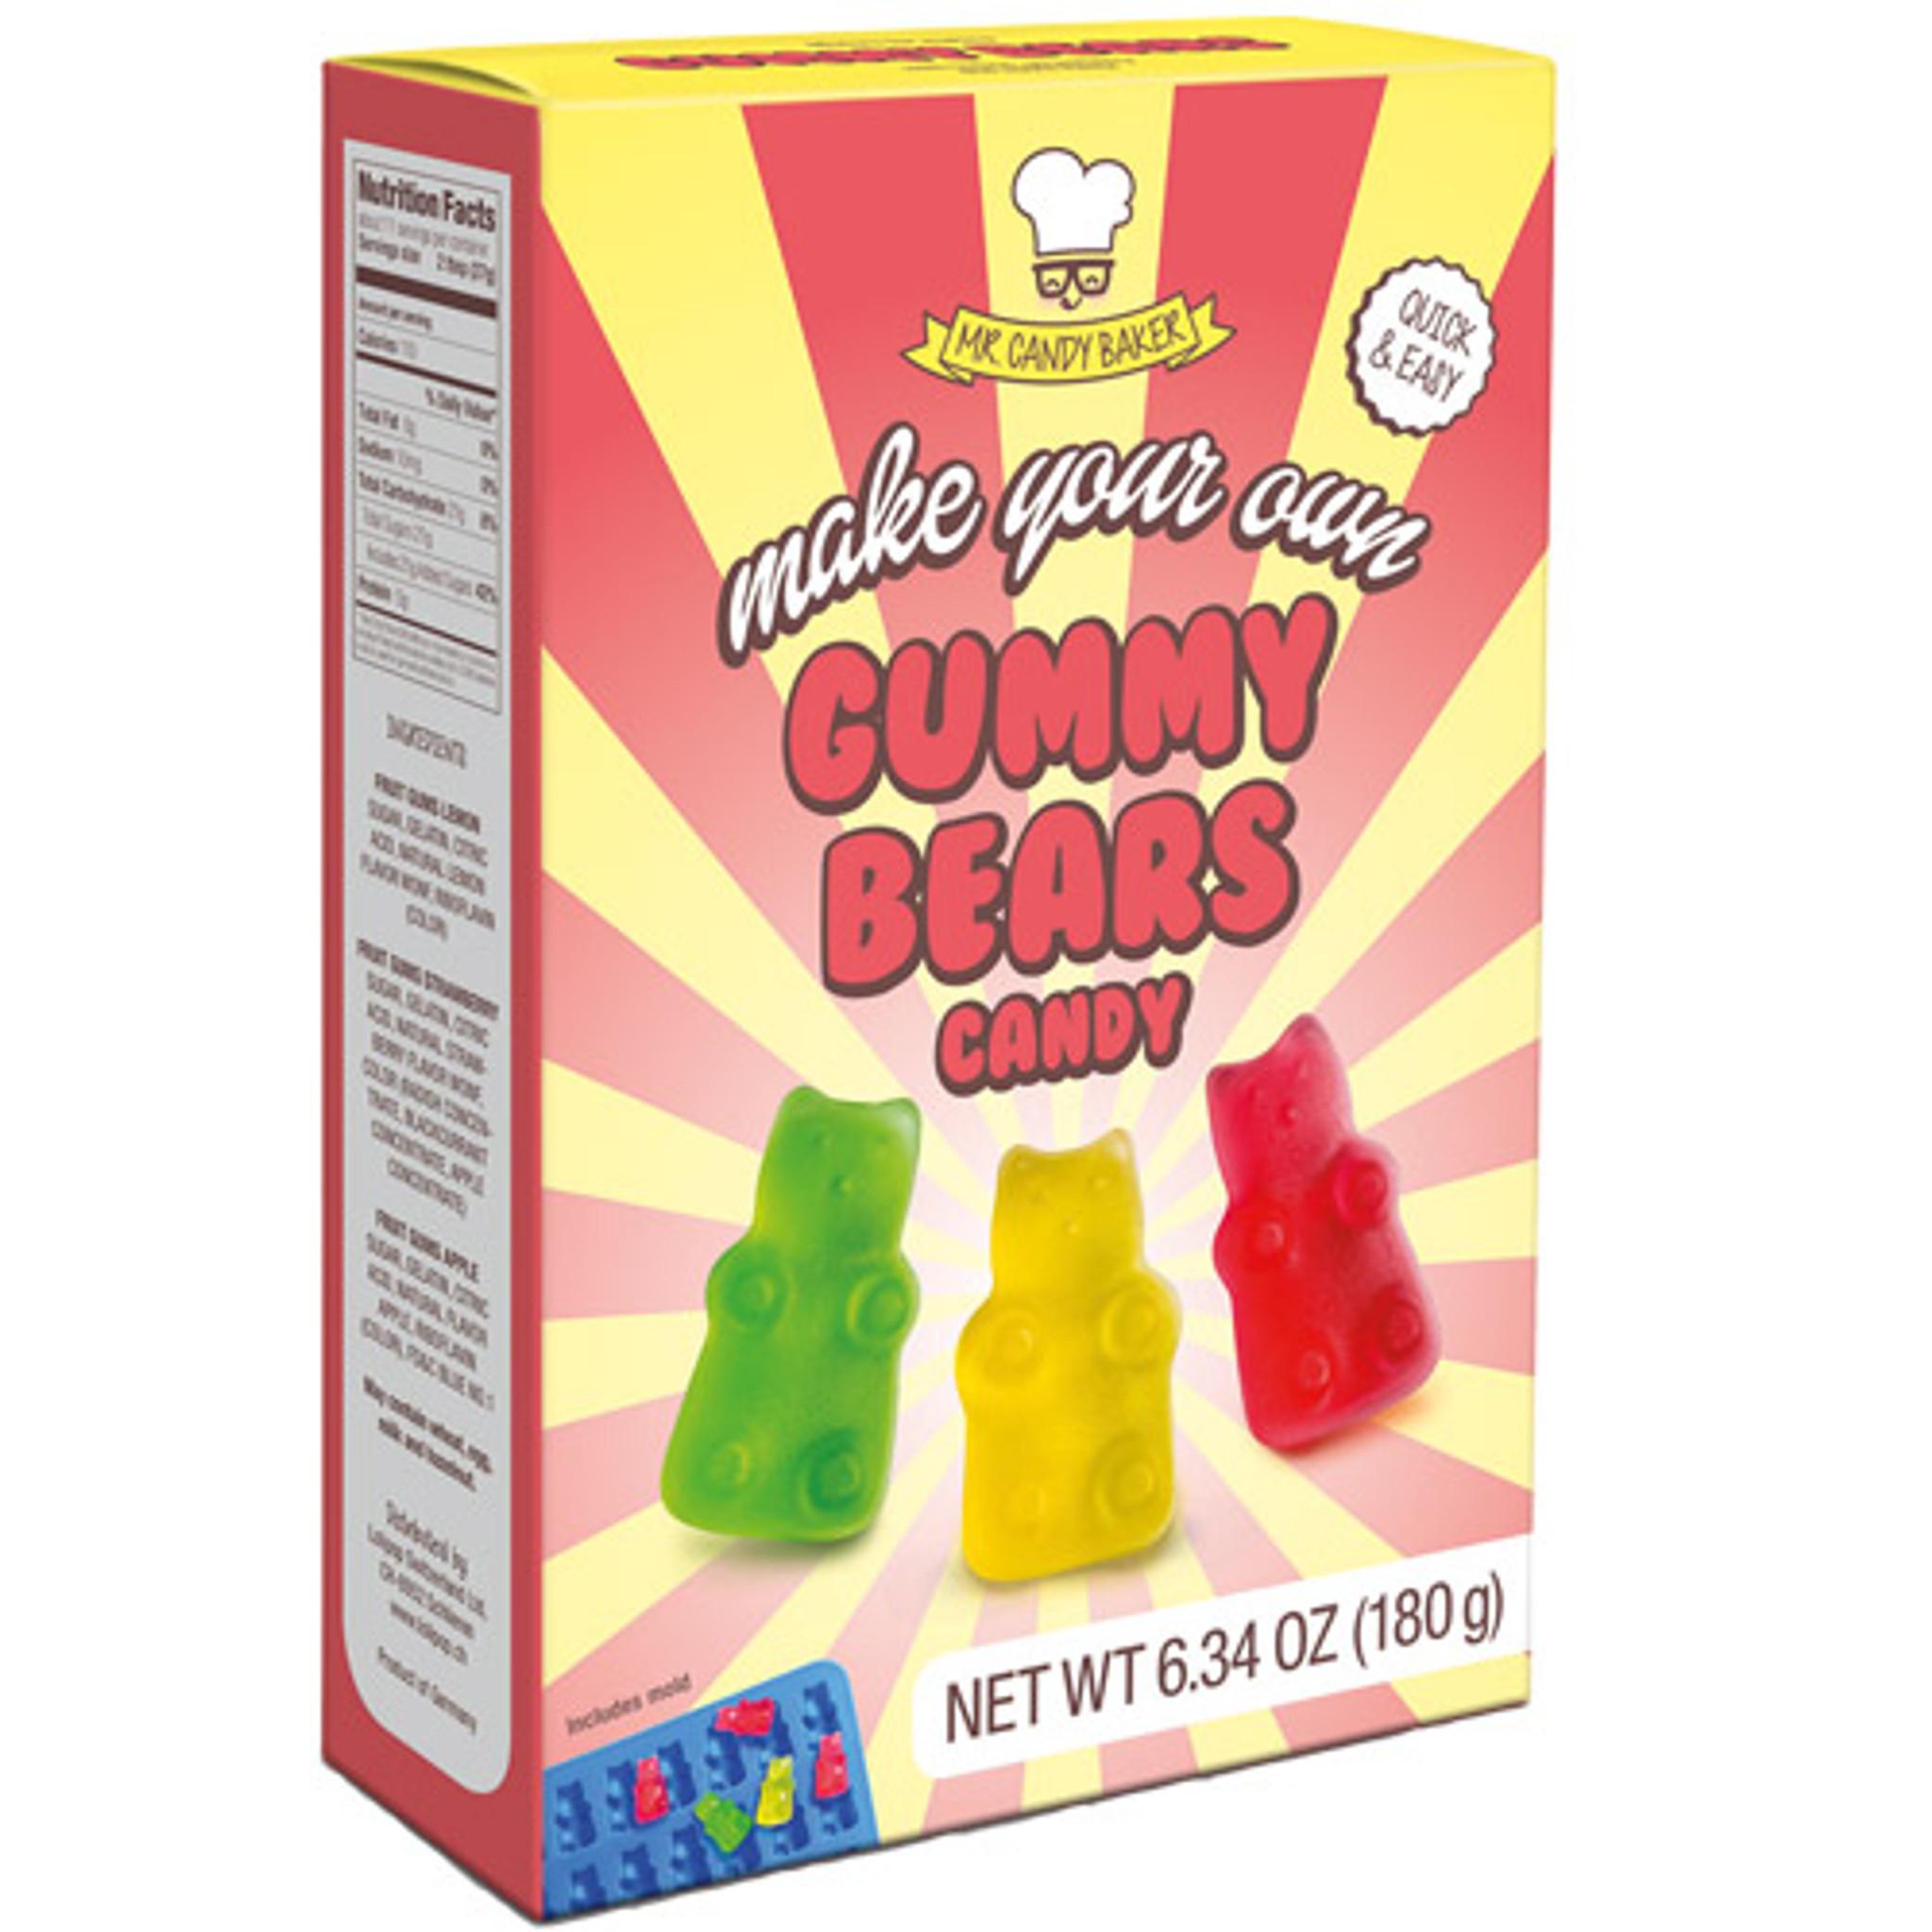 Mr Candy Baker Make You own Gummy Bears Kit 180 g